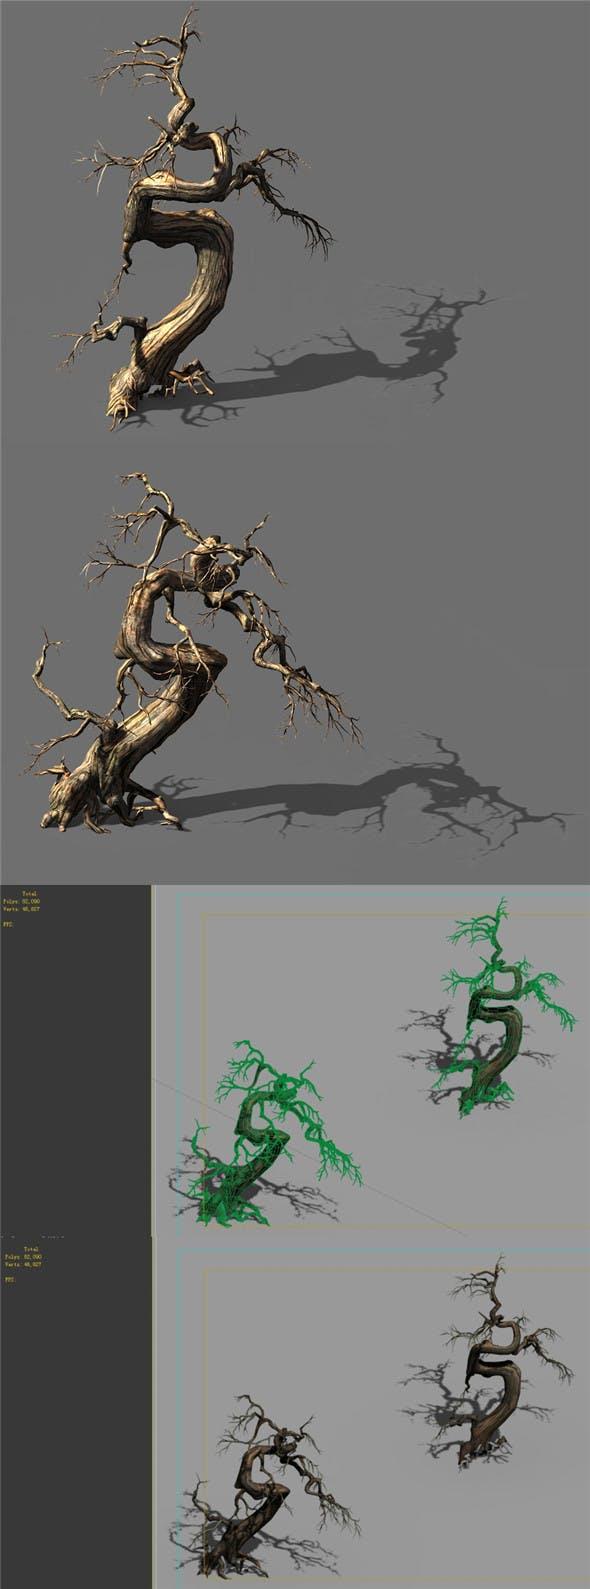 Game Model - Desert - Deadwood 11 - 3DOcean Item for Sale